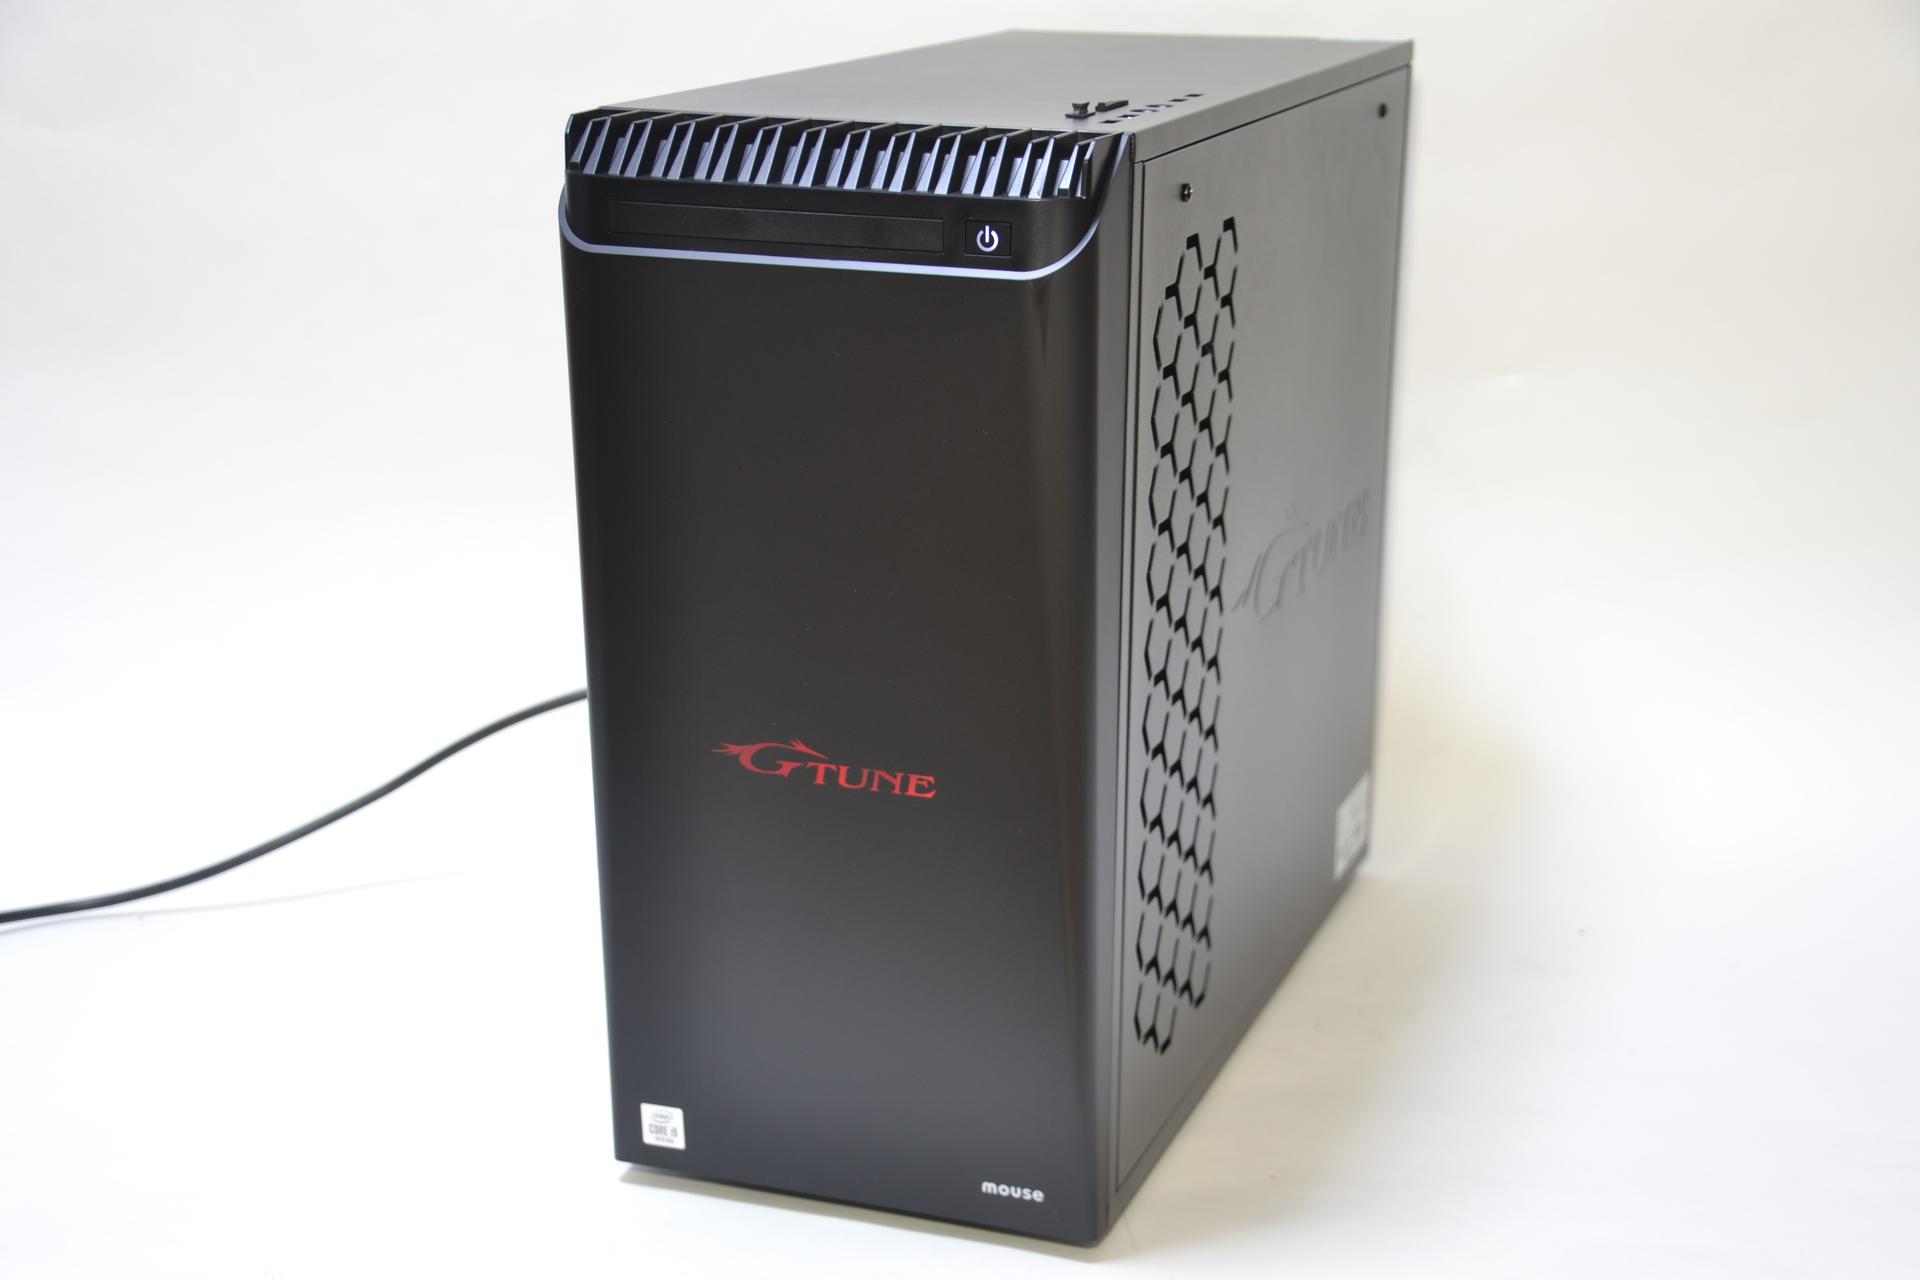 Photo of [Hothot 리뷰]今なら5万円割引! RTX 3070搭載のマウス製品ゲーミングノートパソコン「G-Tune HN-Z」を確認します。水冷クーラーで騒音 – PC Watch